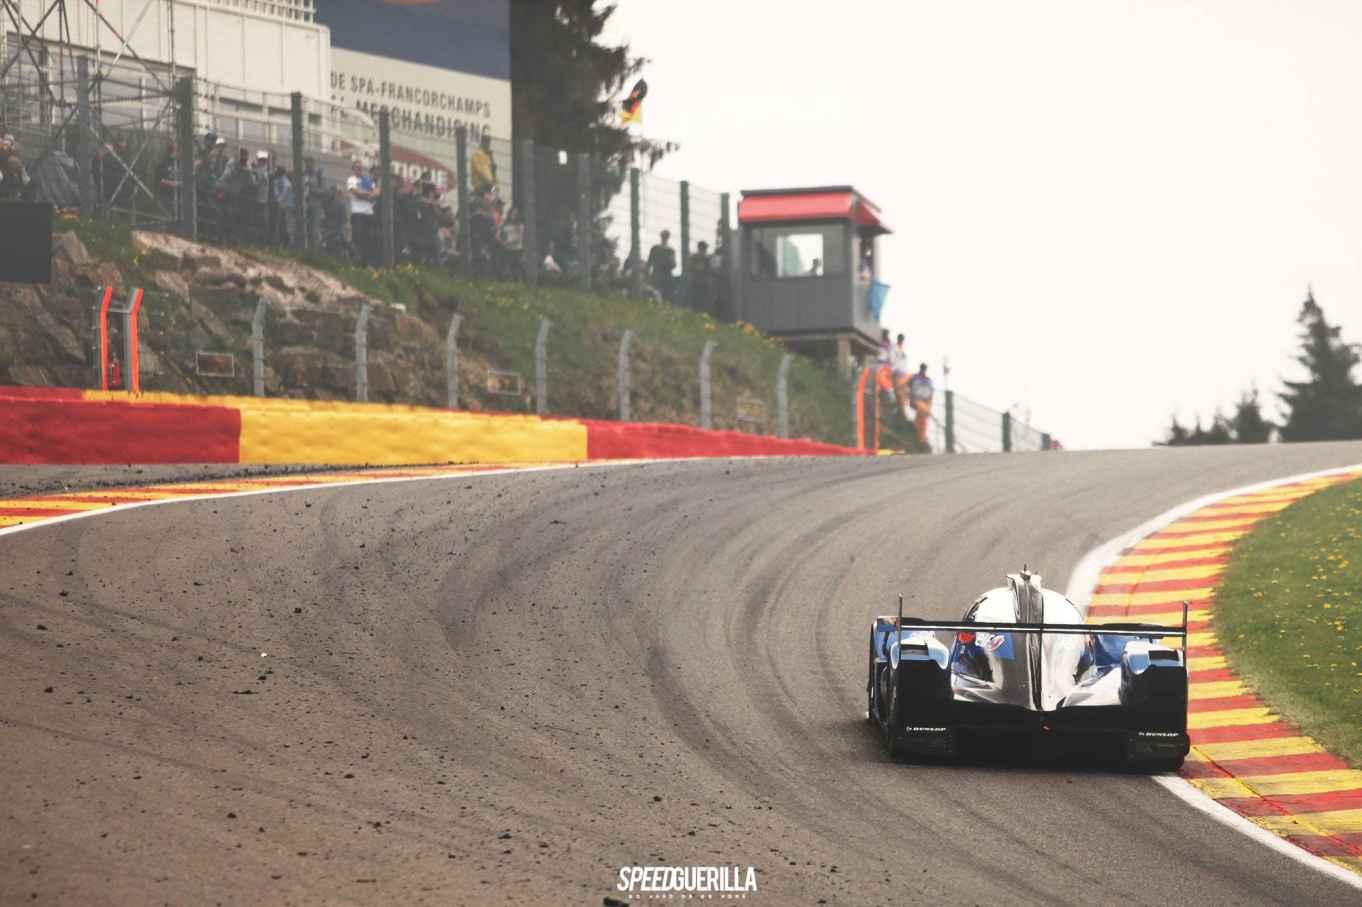 Spa Francorchamps Alpine Signatech WEC 2017 Speedguerilla - 7